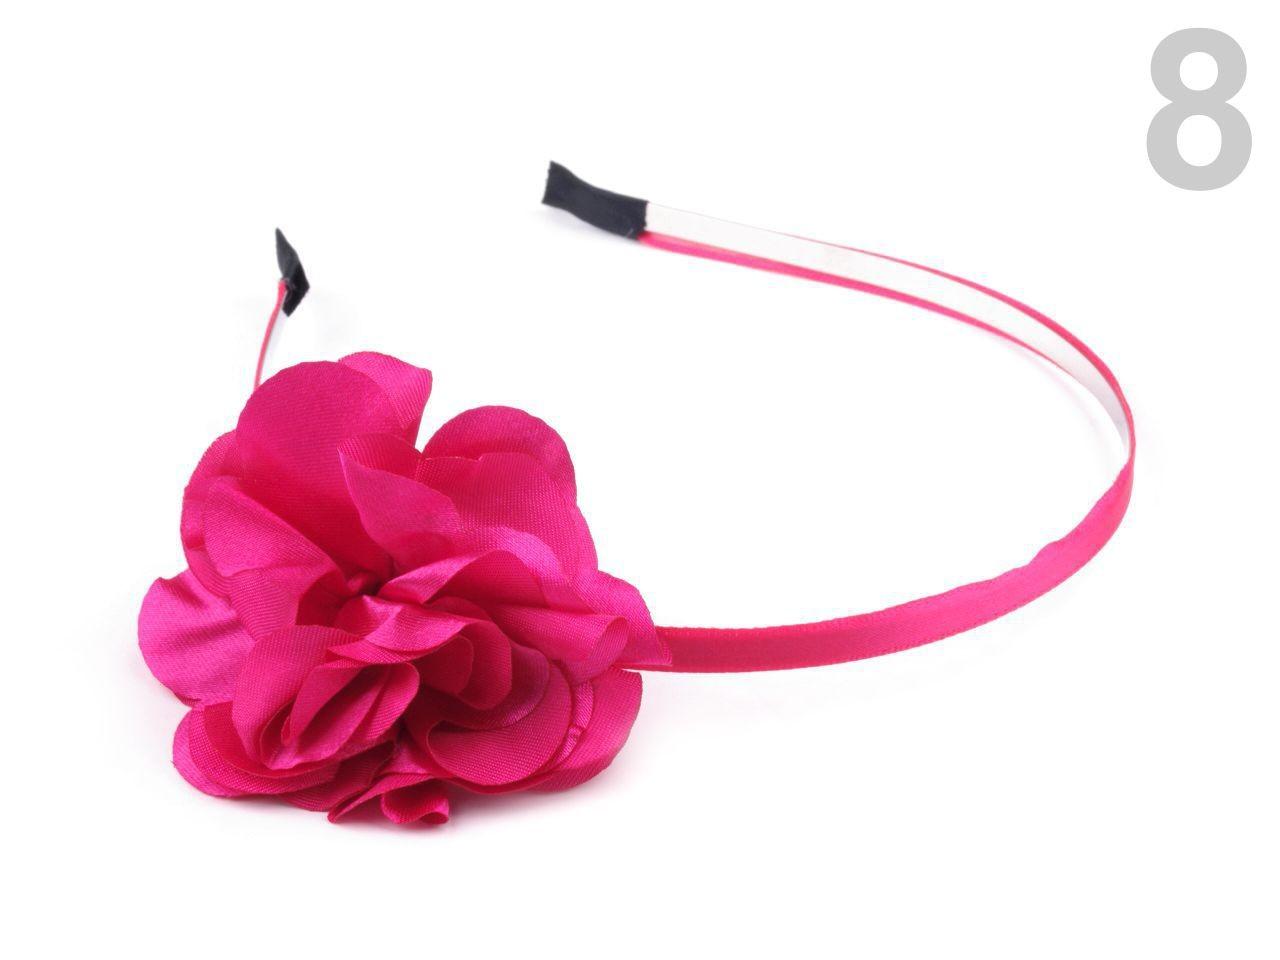 Čelenka kovová s květem Ø 50mm 1ks - 57 Kč / ks 8 růžová malinová